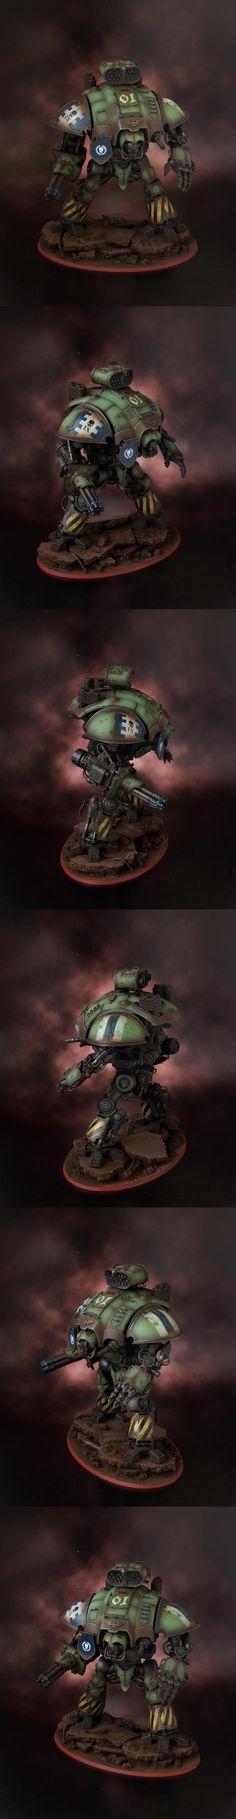 40k - Imperial Knight Titan Warden by highelf